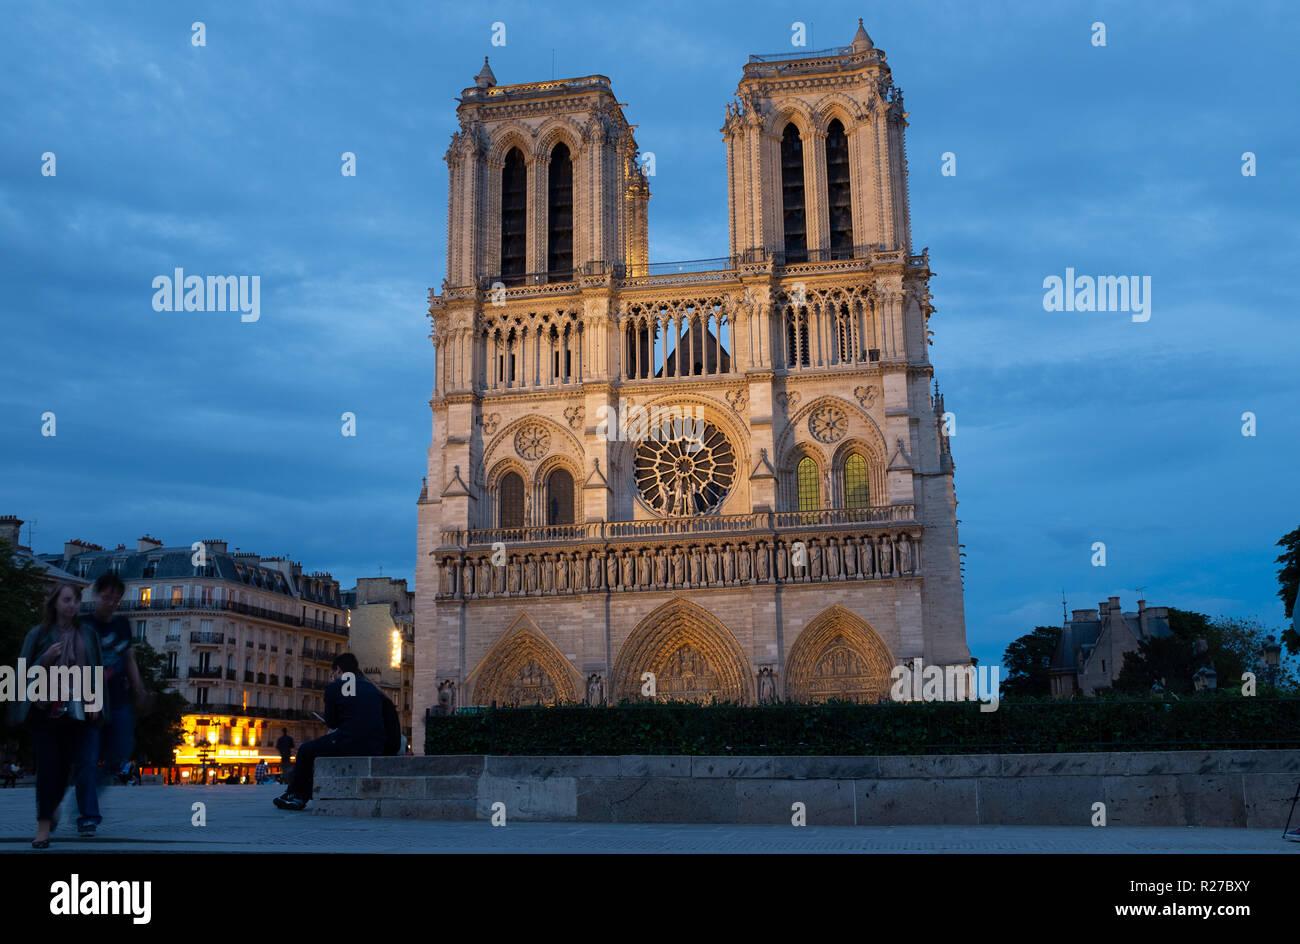 Notre-Dame de Paris cathedral at dusk, Paris, France - Stock Image